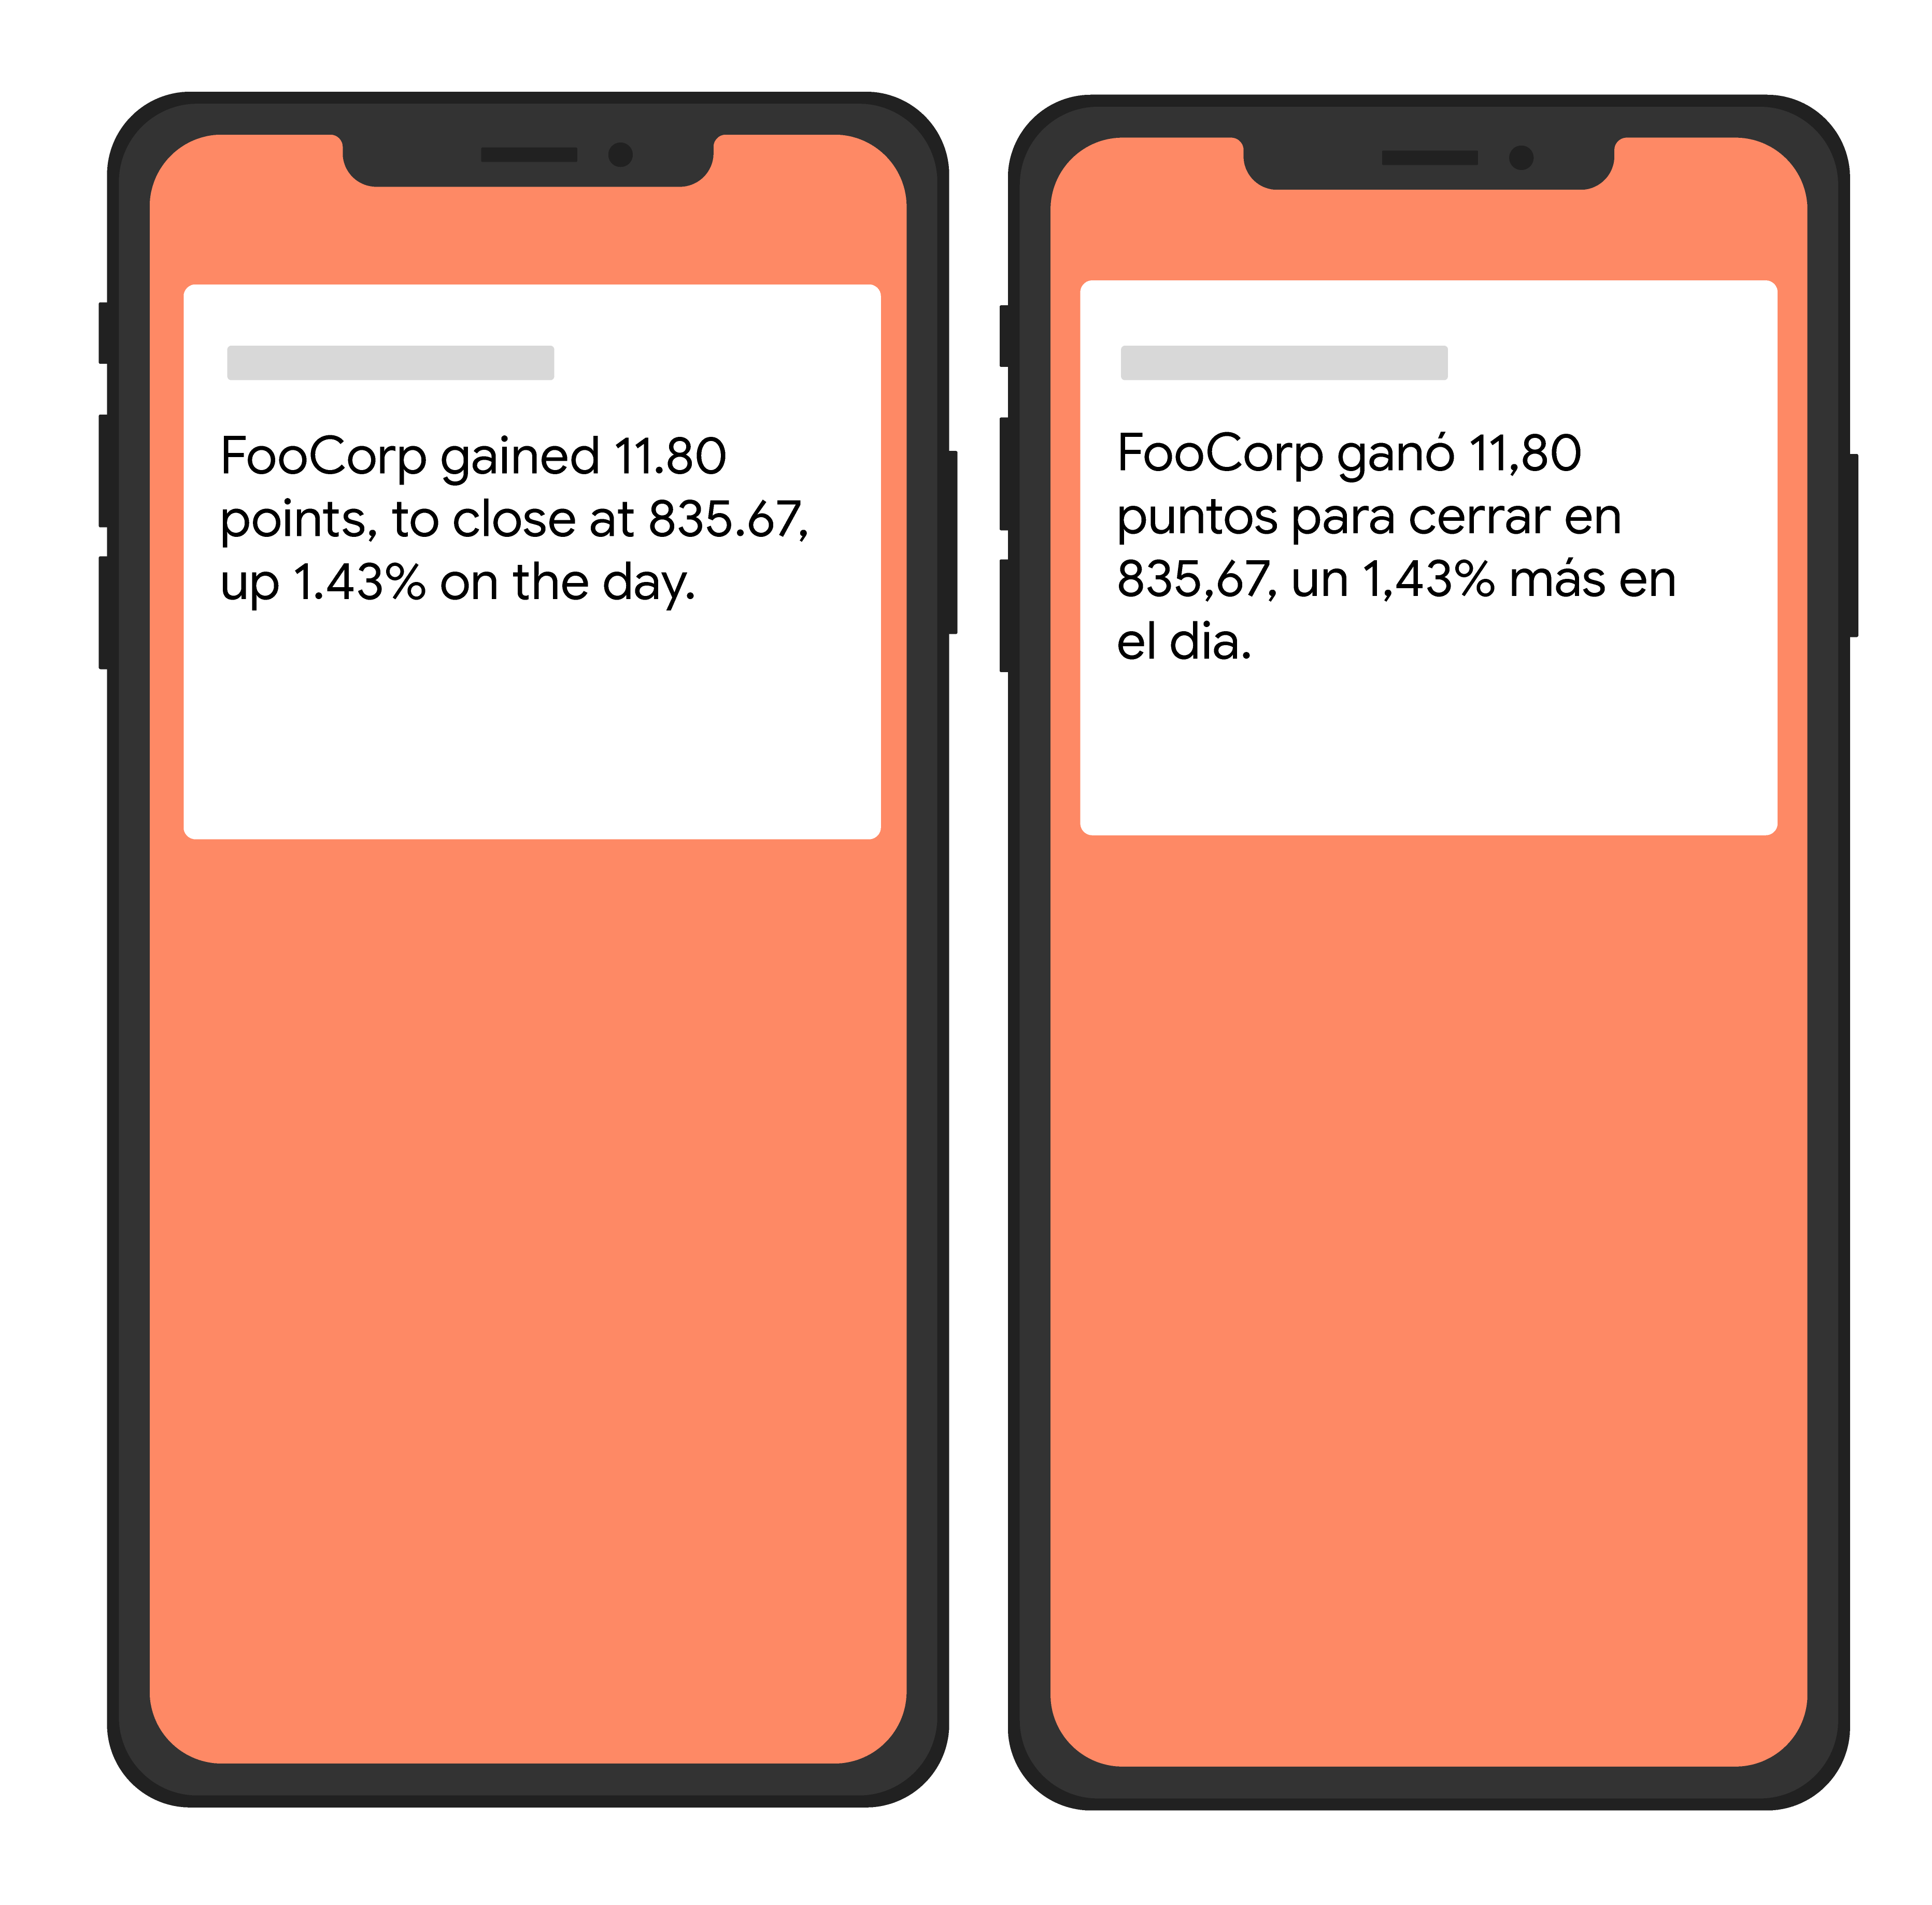 Desenho simples de dois dispositivos exibindo texto em inglês e espanhol